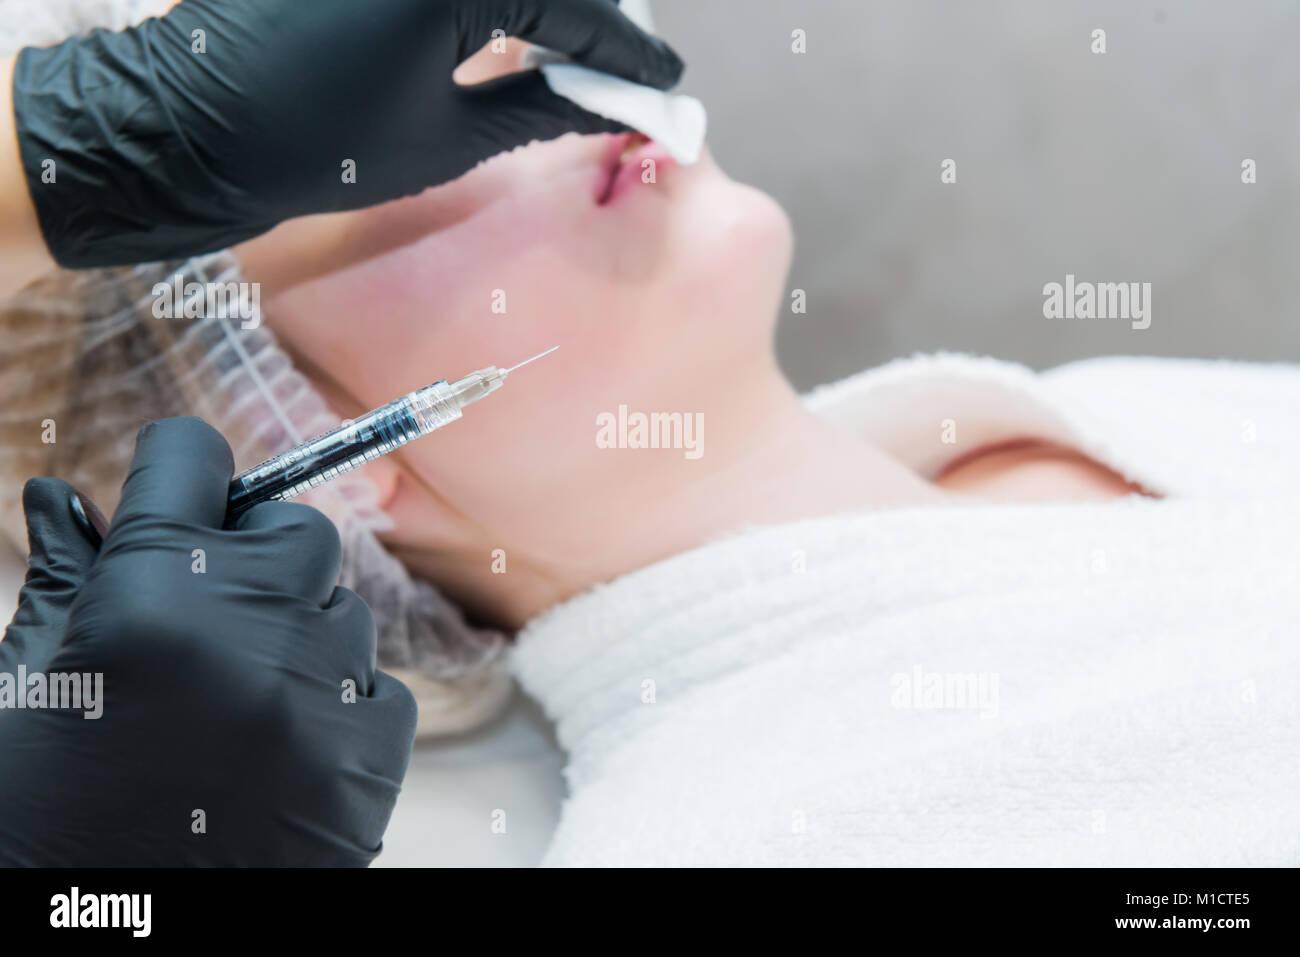 Wie spritzen weibliche Kostenlose lesbische Porno-Saugen Titten